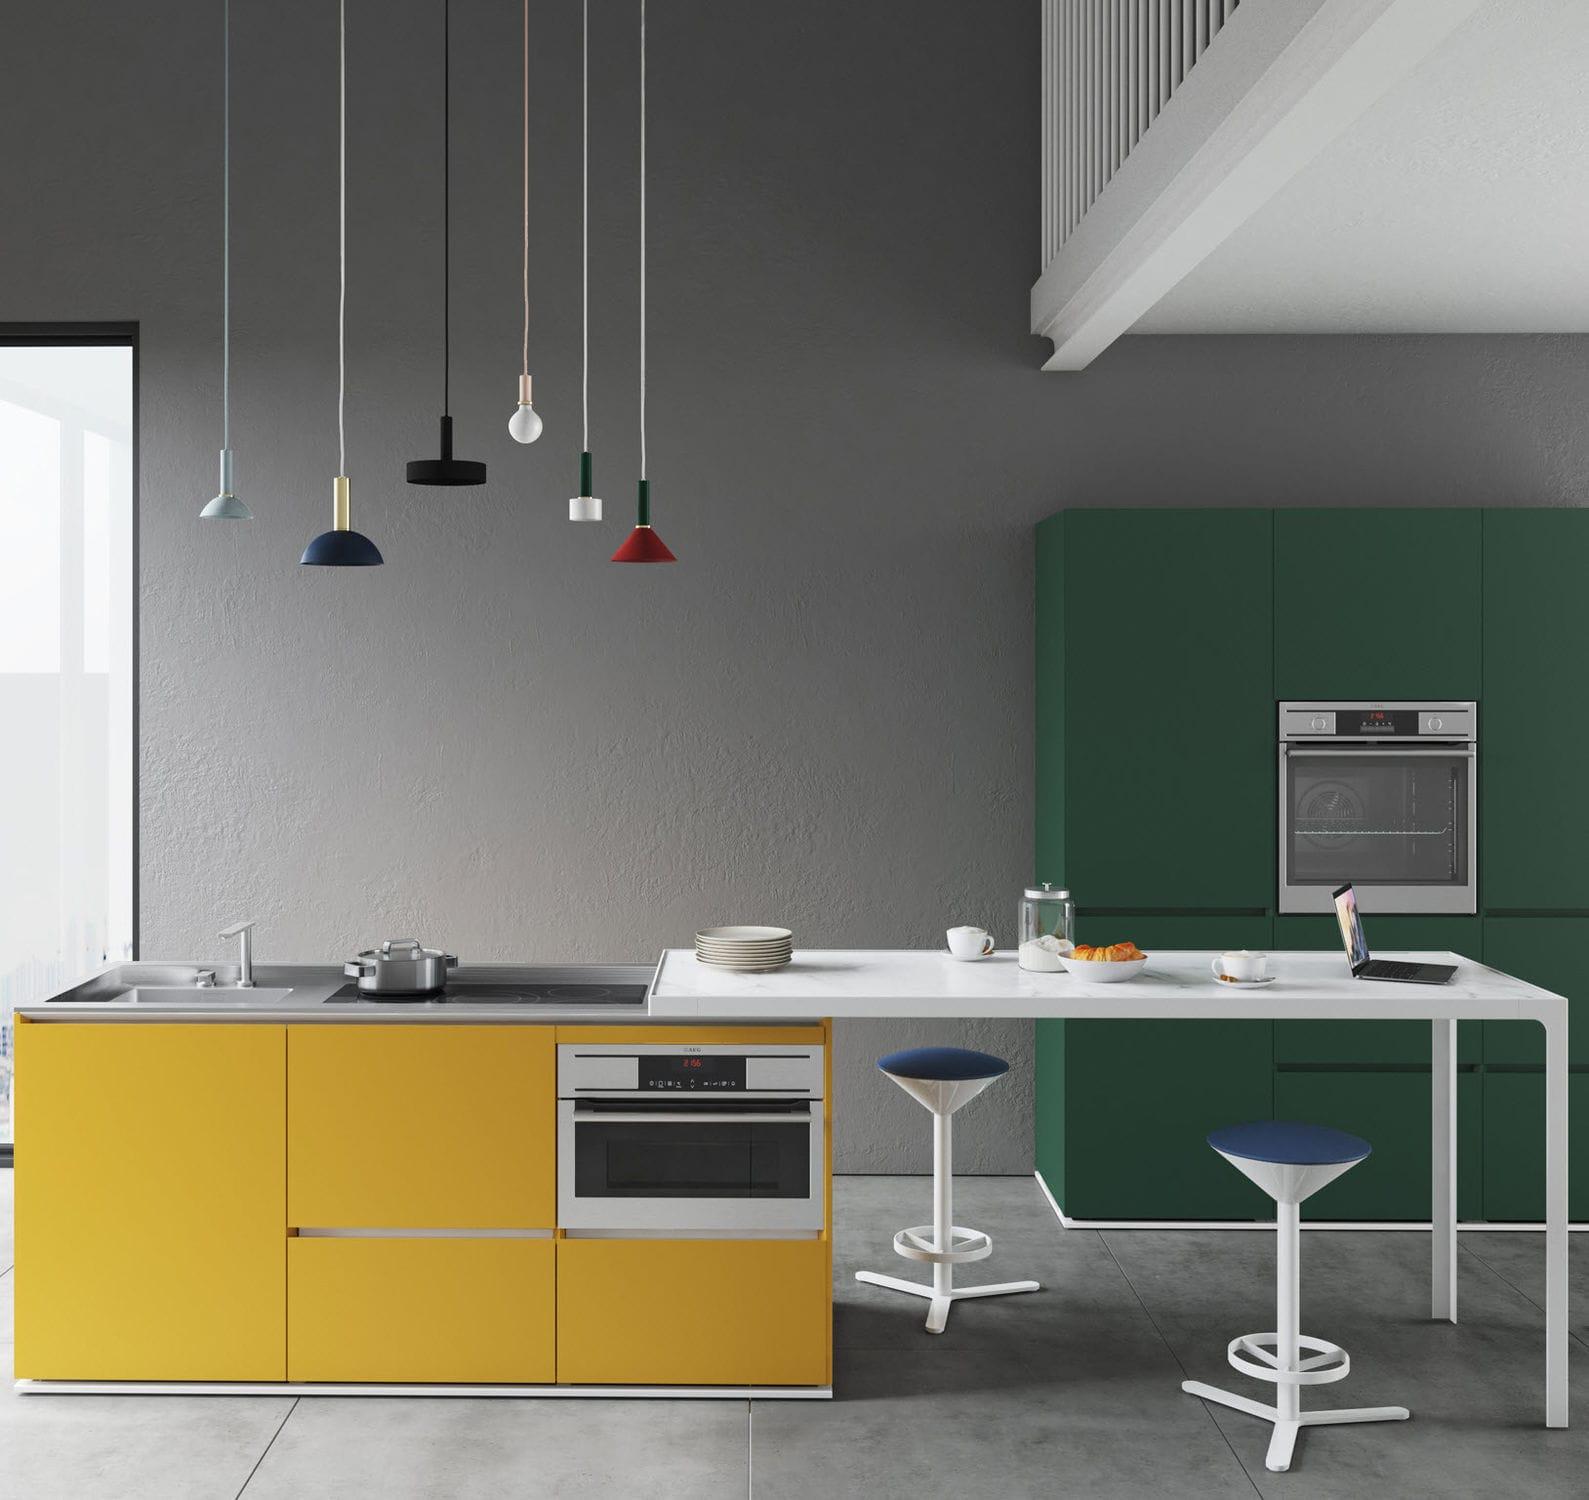 Bancone da cucina / in legno laccato / in metallo / dritto - COMPACT ...